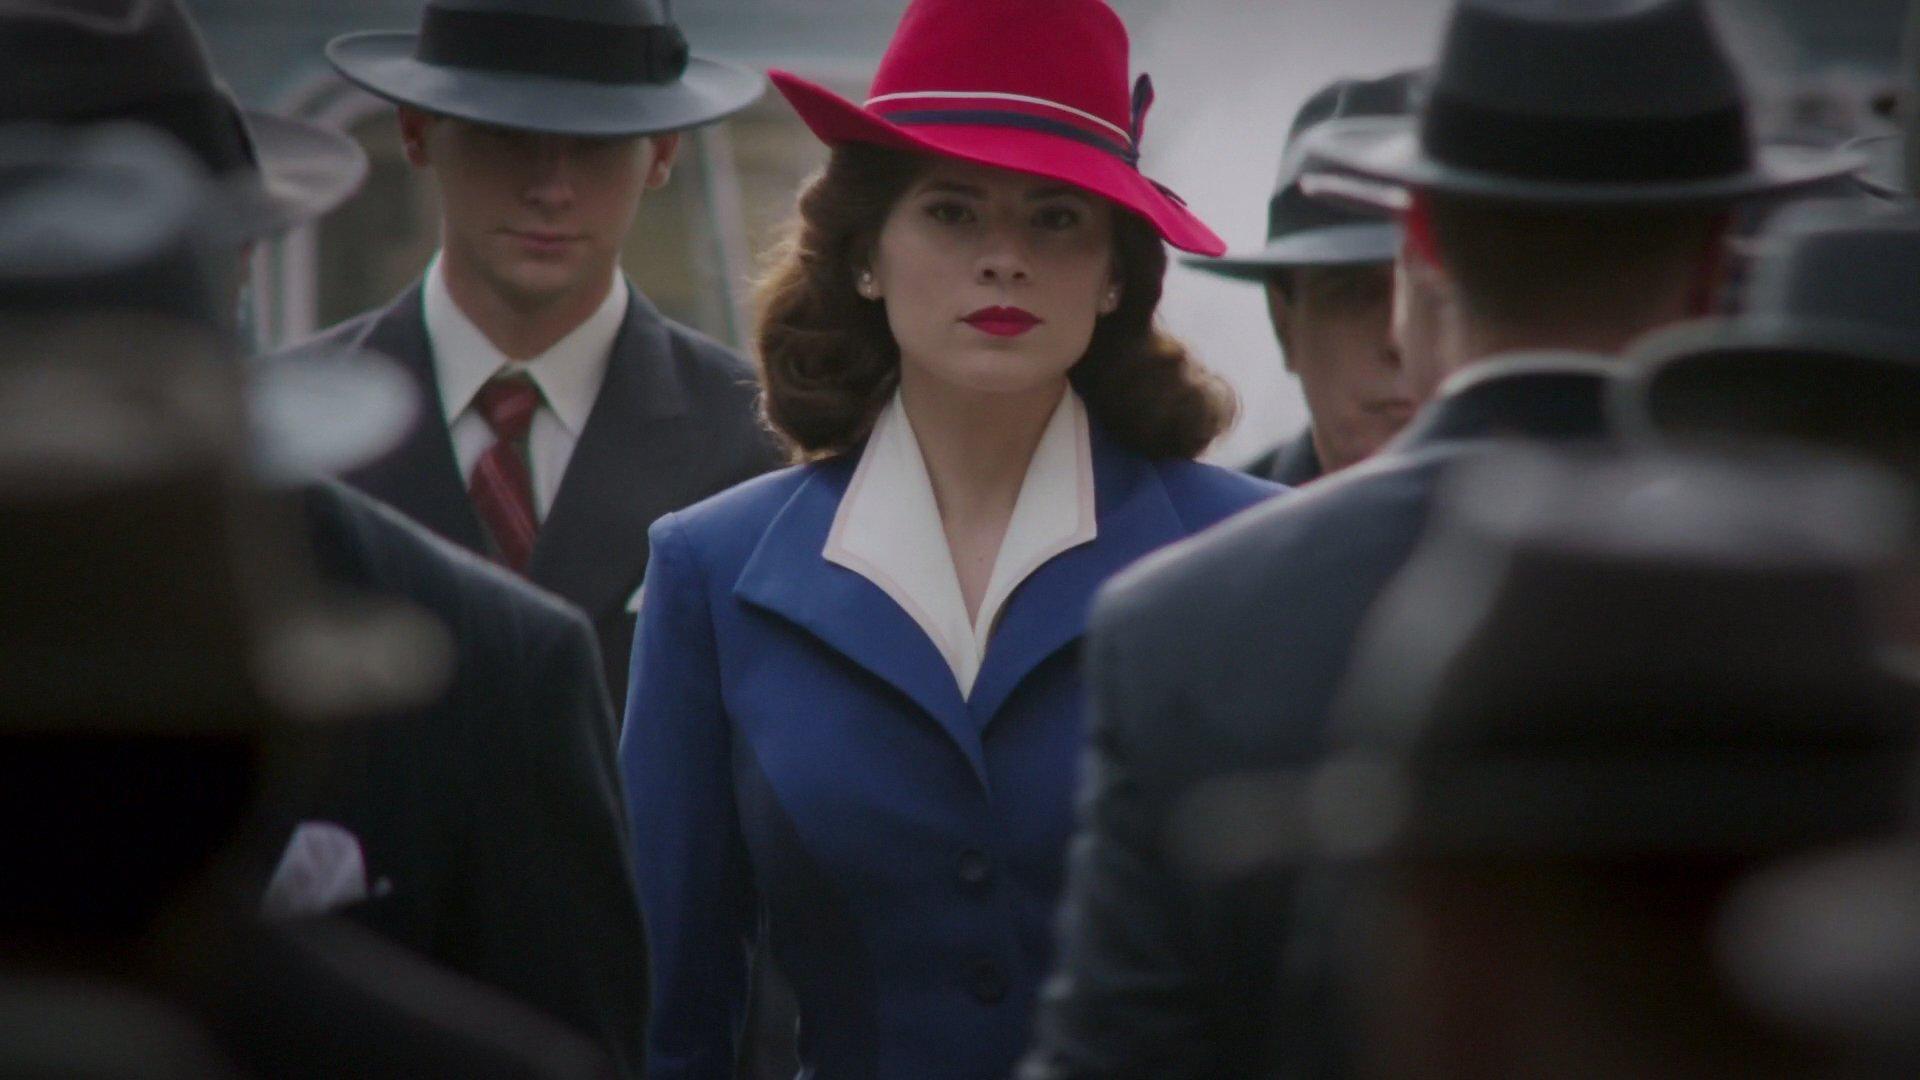 Protagonista da série andando entre multidão, com casaco azul e chapéu vermelho.